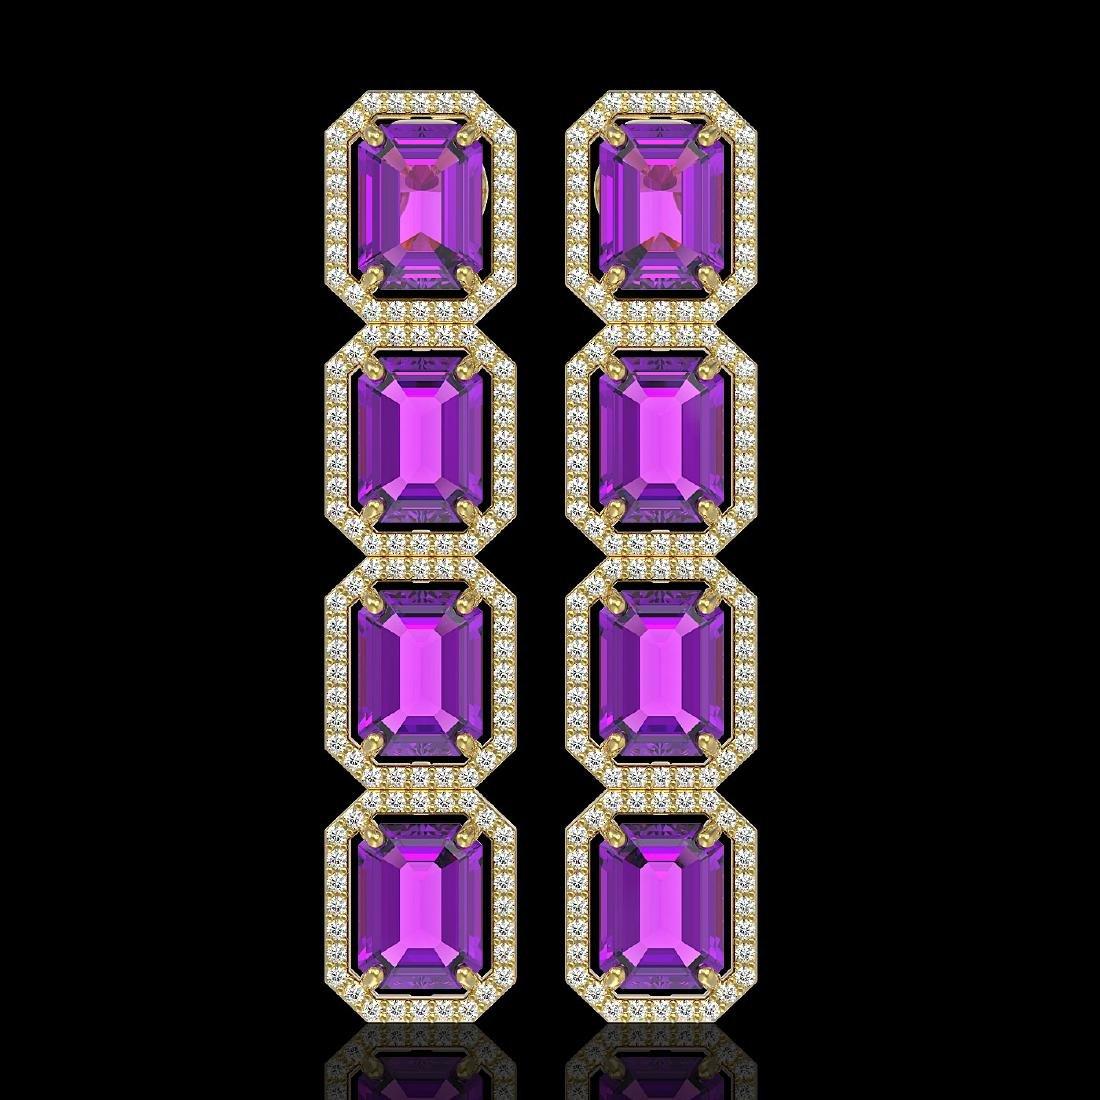 18.59 CTW Amethyst & Diamond Halo Earrings 10K Yellow